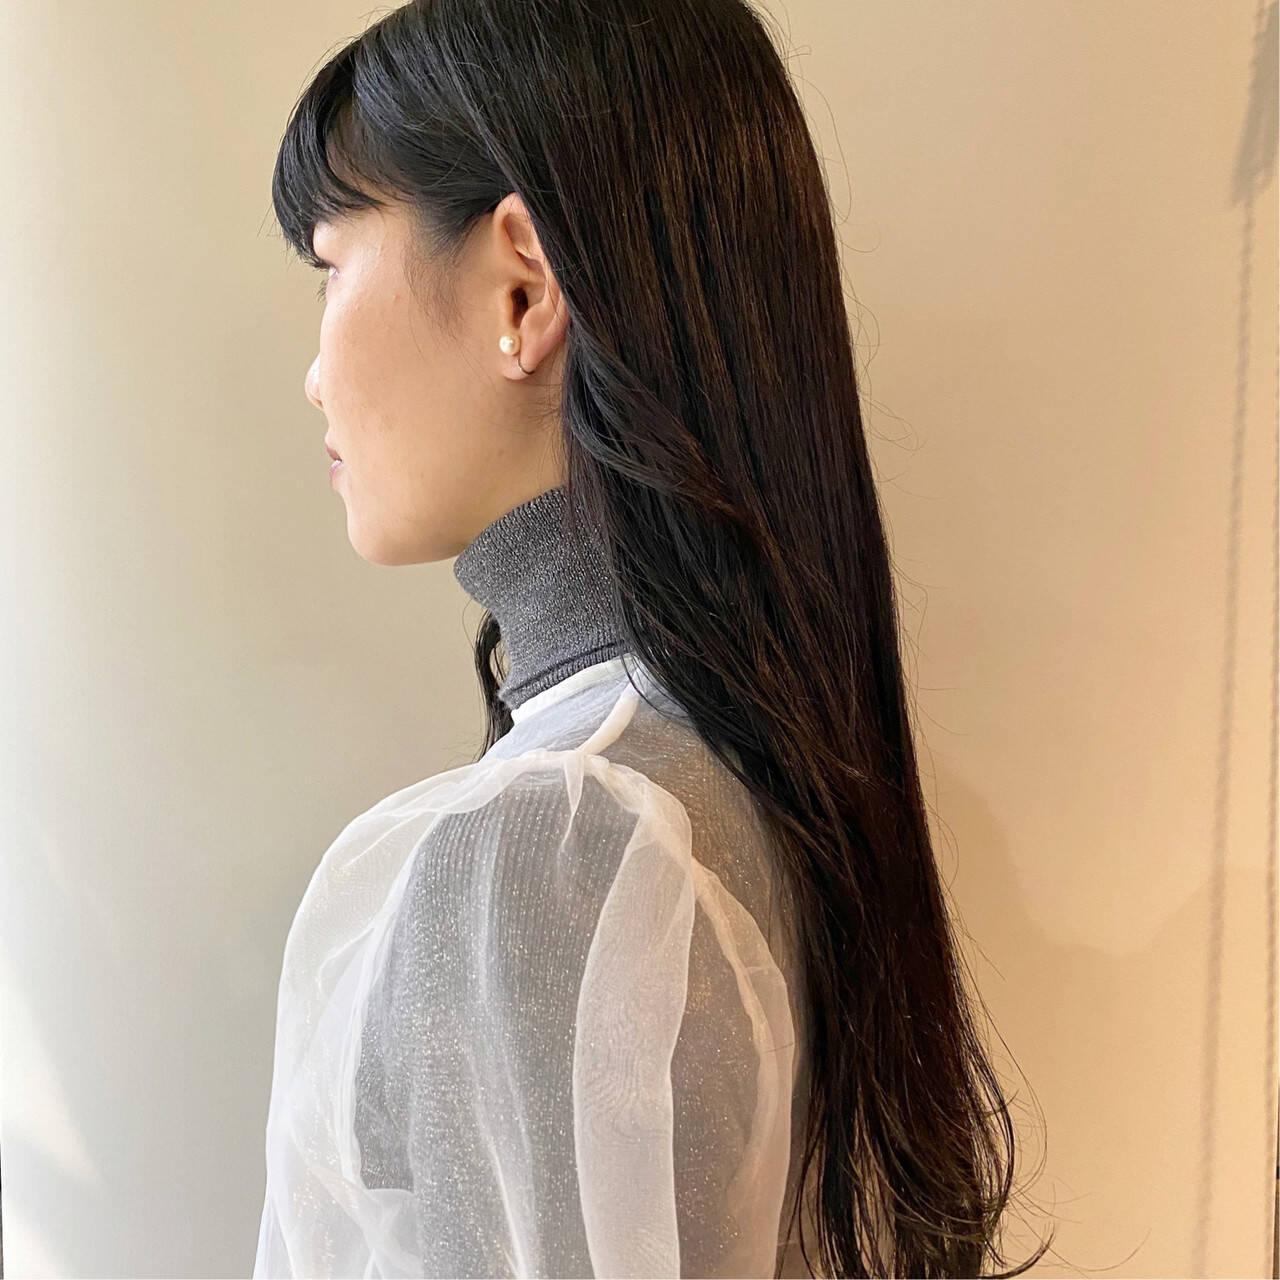 ブラックグレー ロング アッシュブラック ブリーチ無しヘアスタイルや髪型の写真・画像